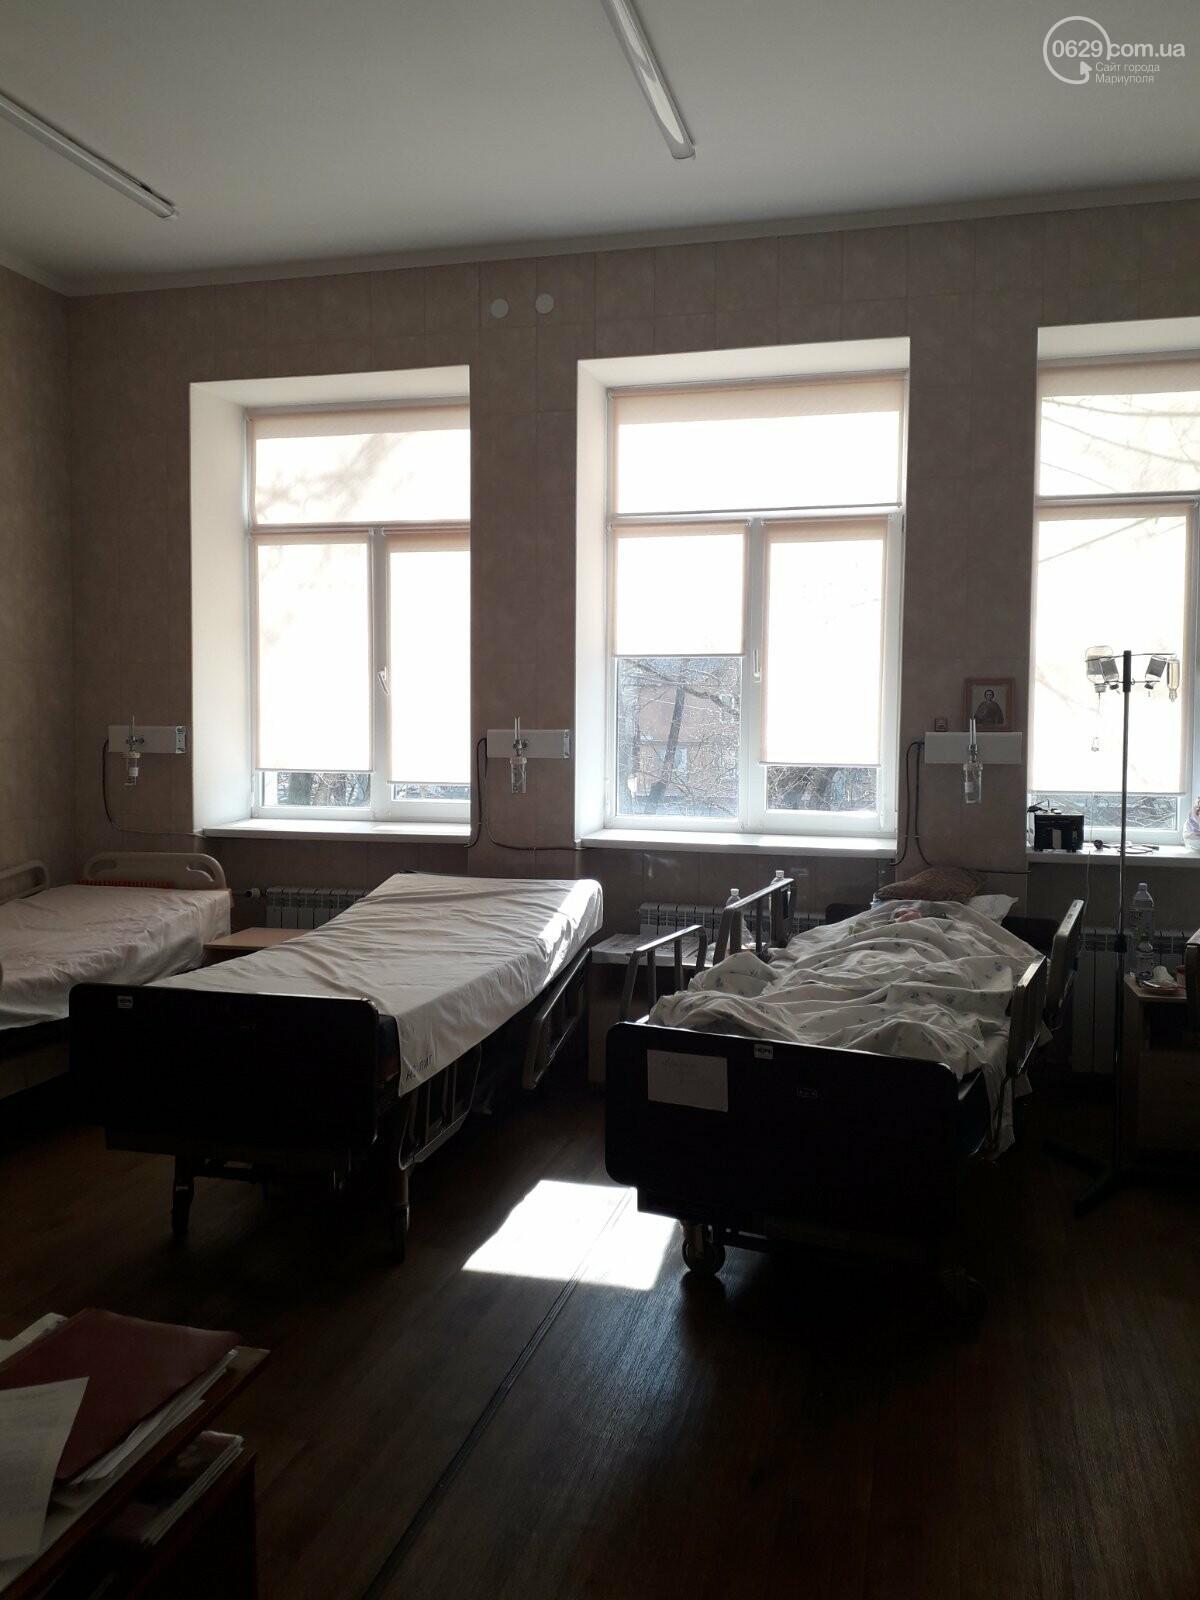 10 причин, чтобы умереть, и одно важное знание, чтобы выжить. Как в Мариупольской городской больнице №4  спасают от инсульта, фото-5